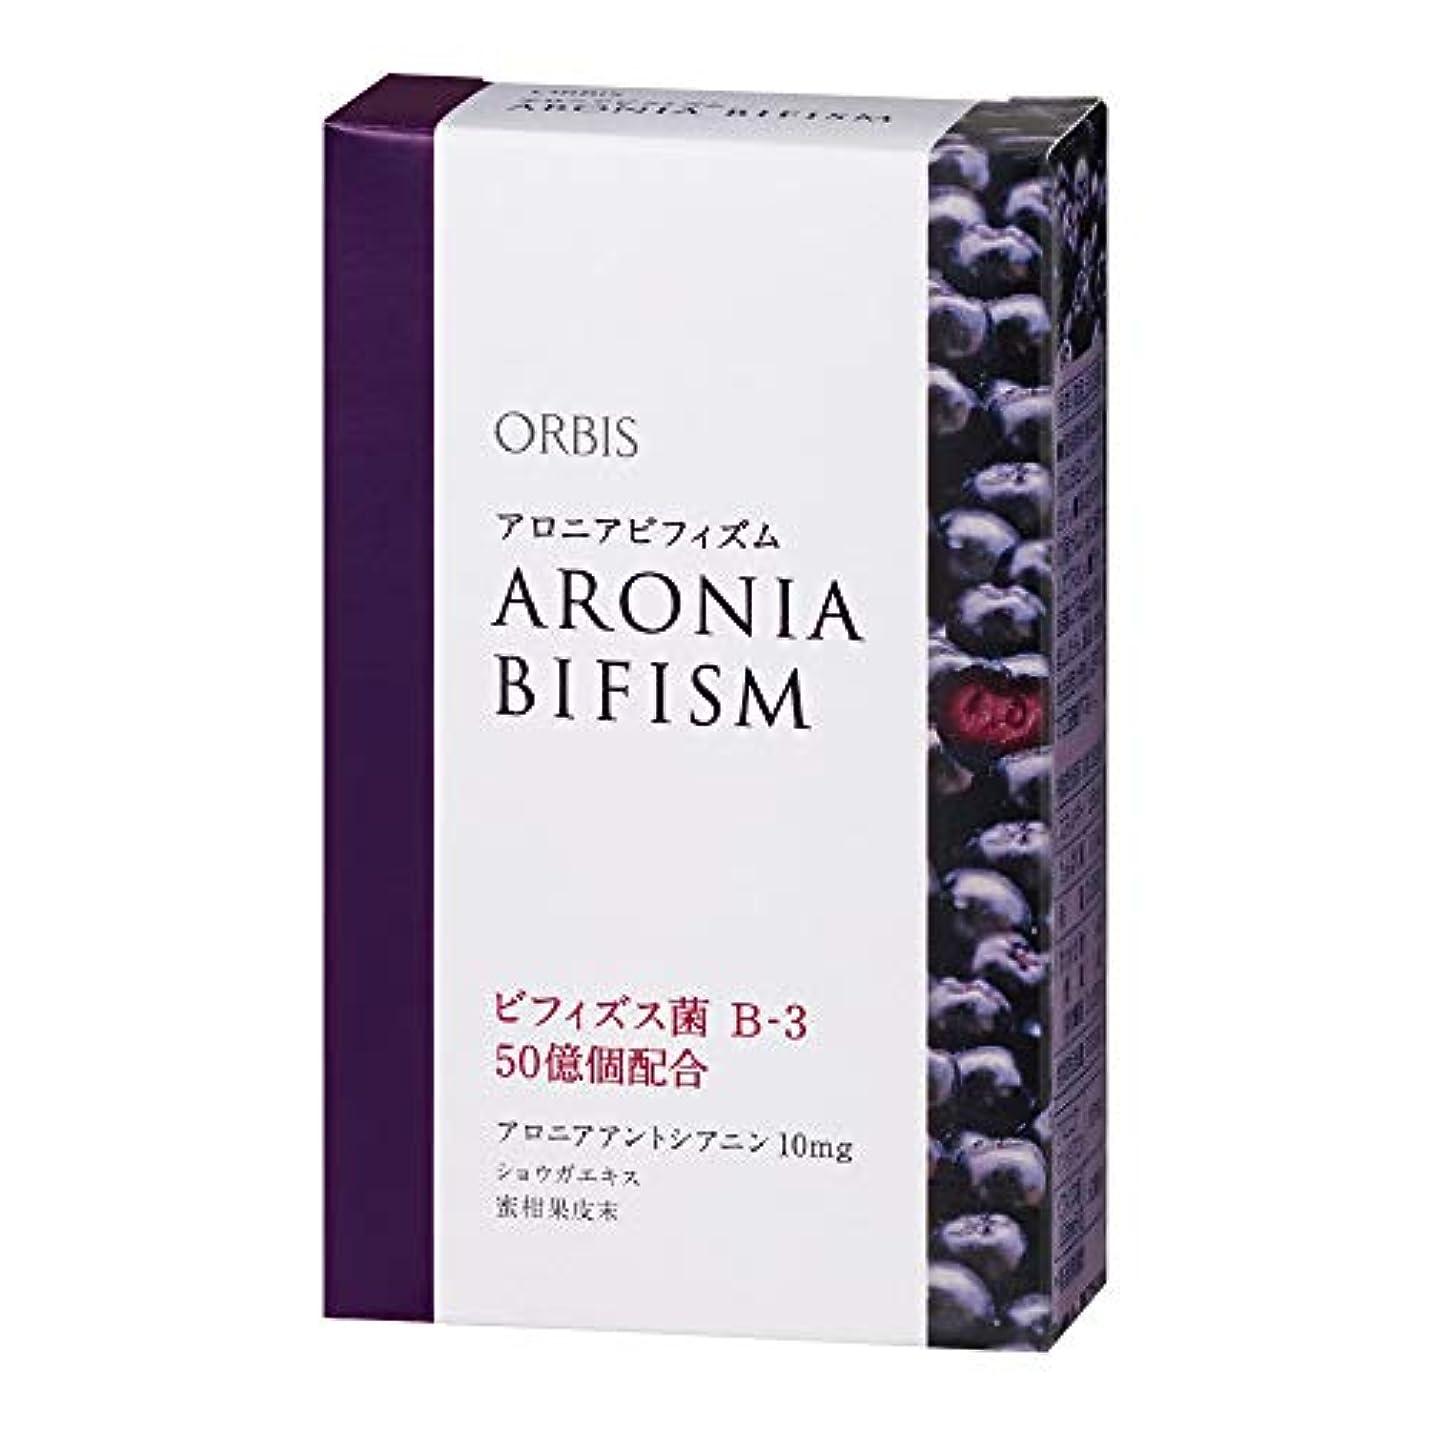 上向き今晩推論オルビス(ORBIS) アロニアビフィズム(ミックスベリー風味) 15日分(1.5g×15袋) ◎美容サプリメント◎